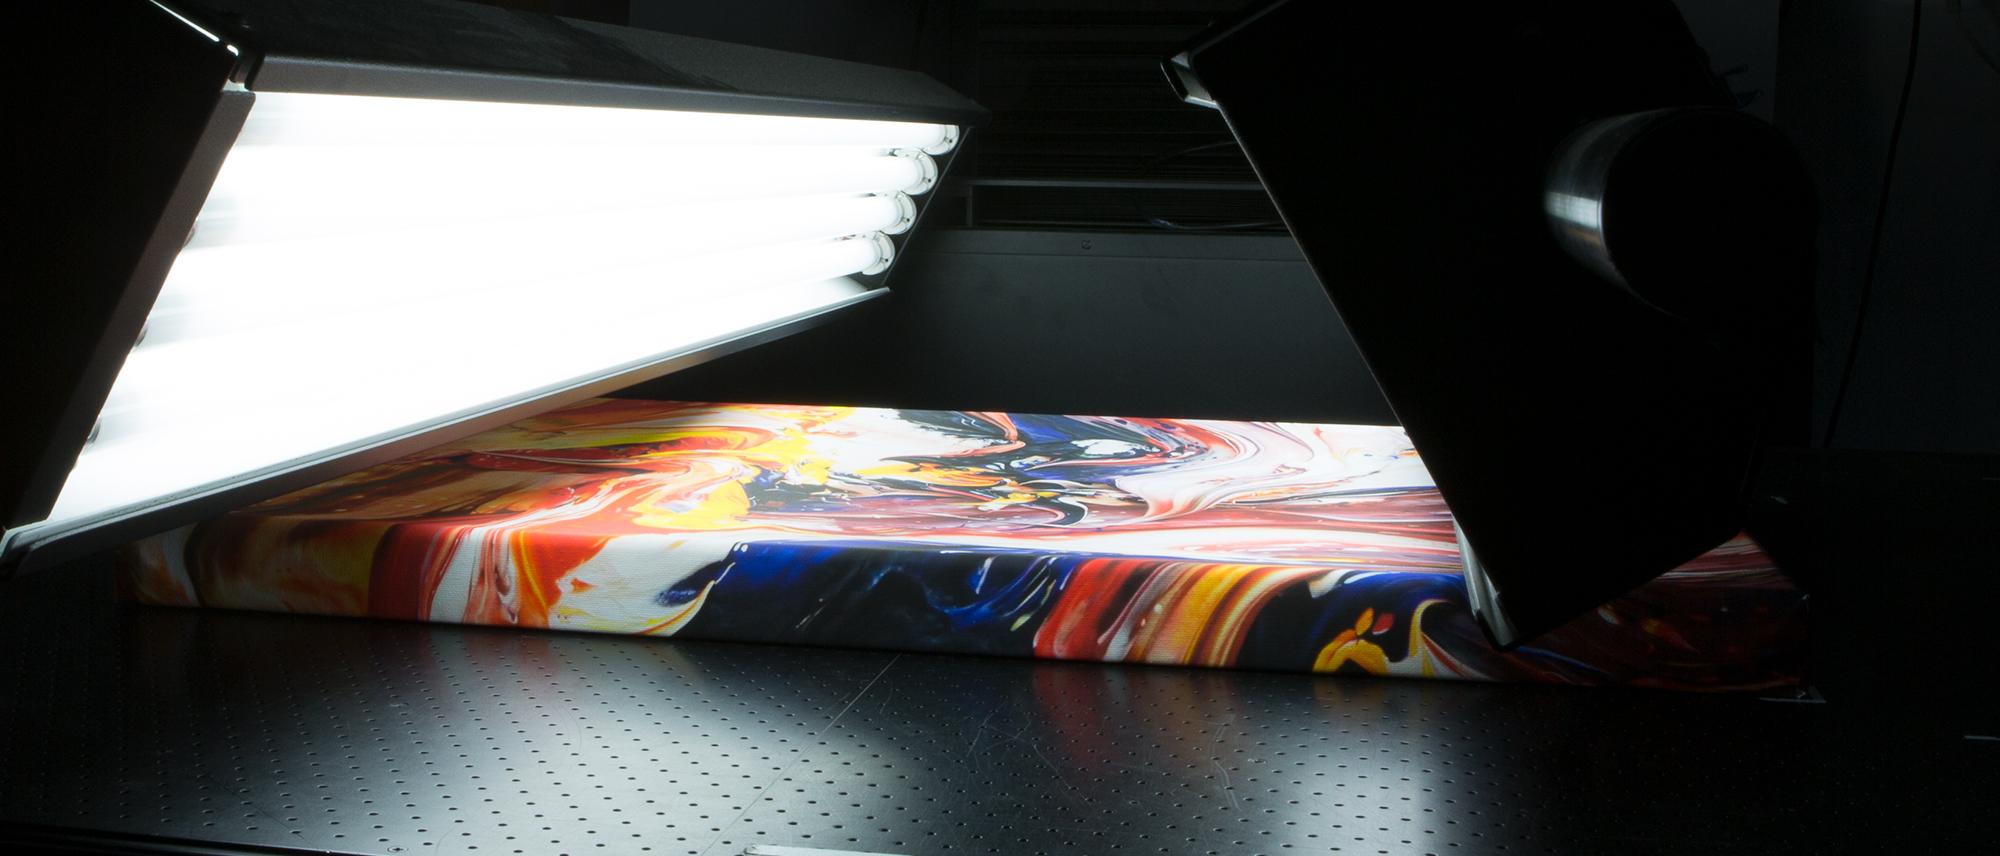 Digitalisera stora bilder och konstverk